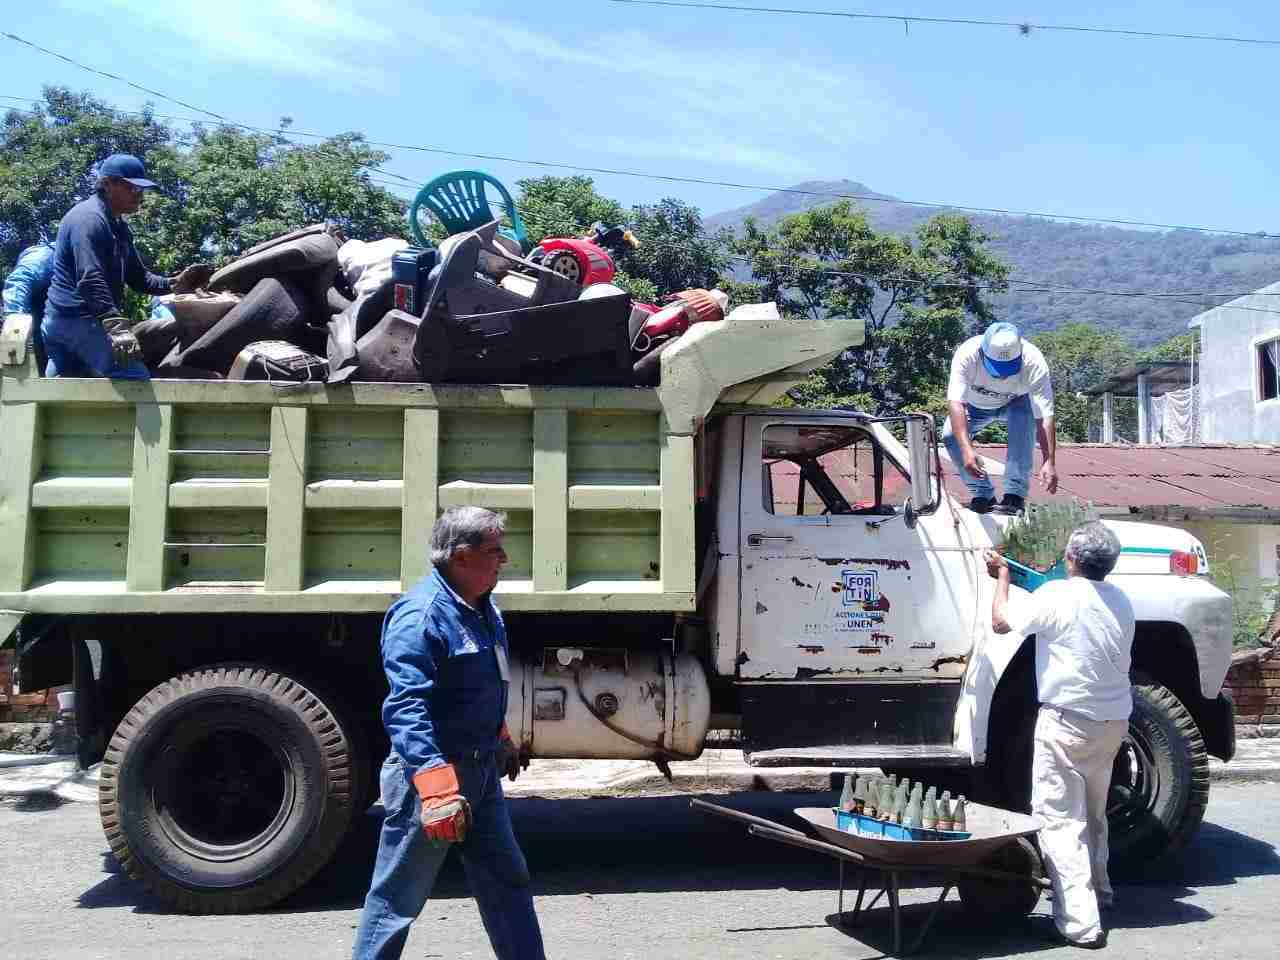 INICIA PROGRAMA DE DESCACHARRIZACIÓN EN FORTÍN